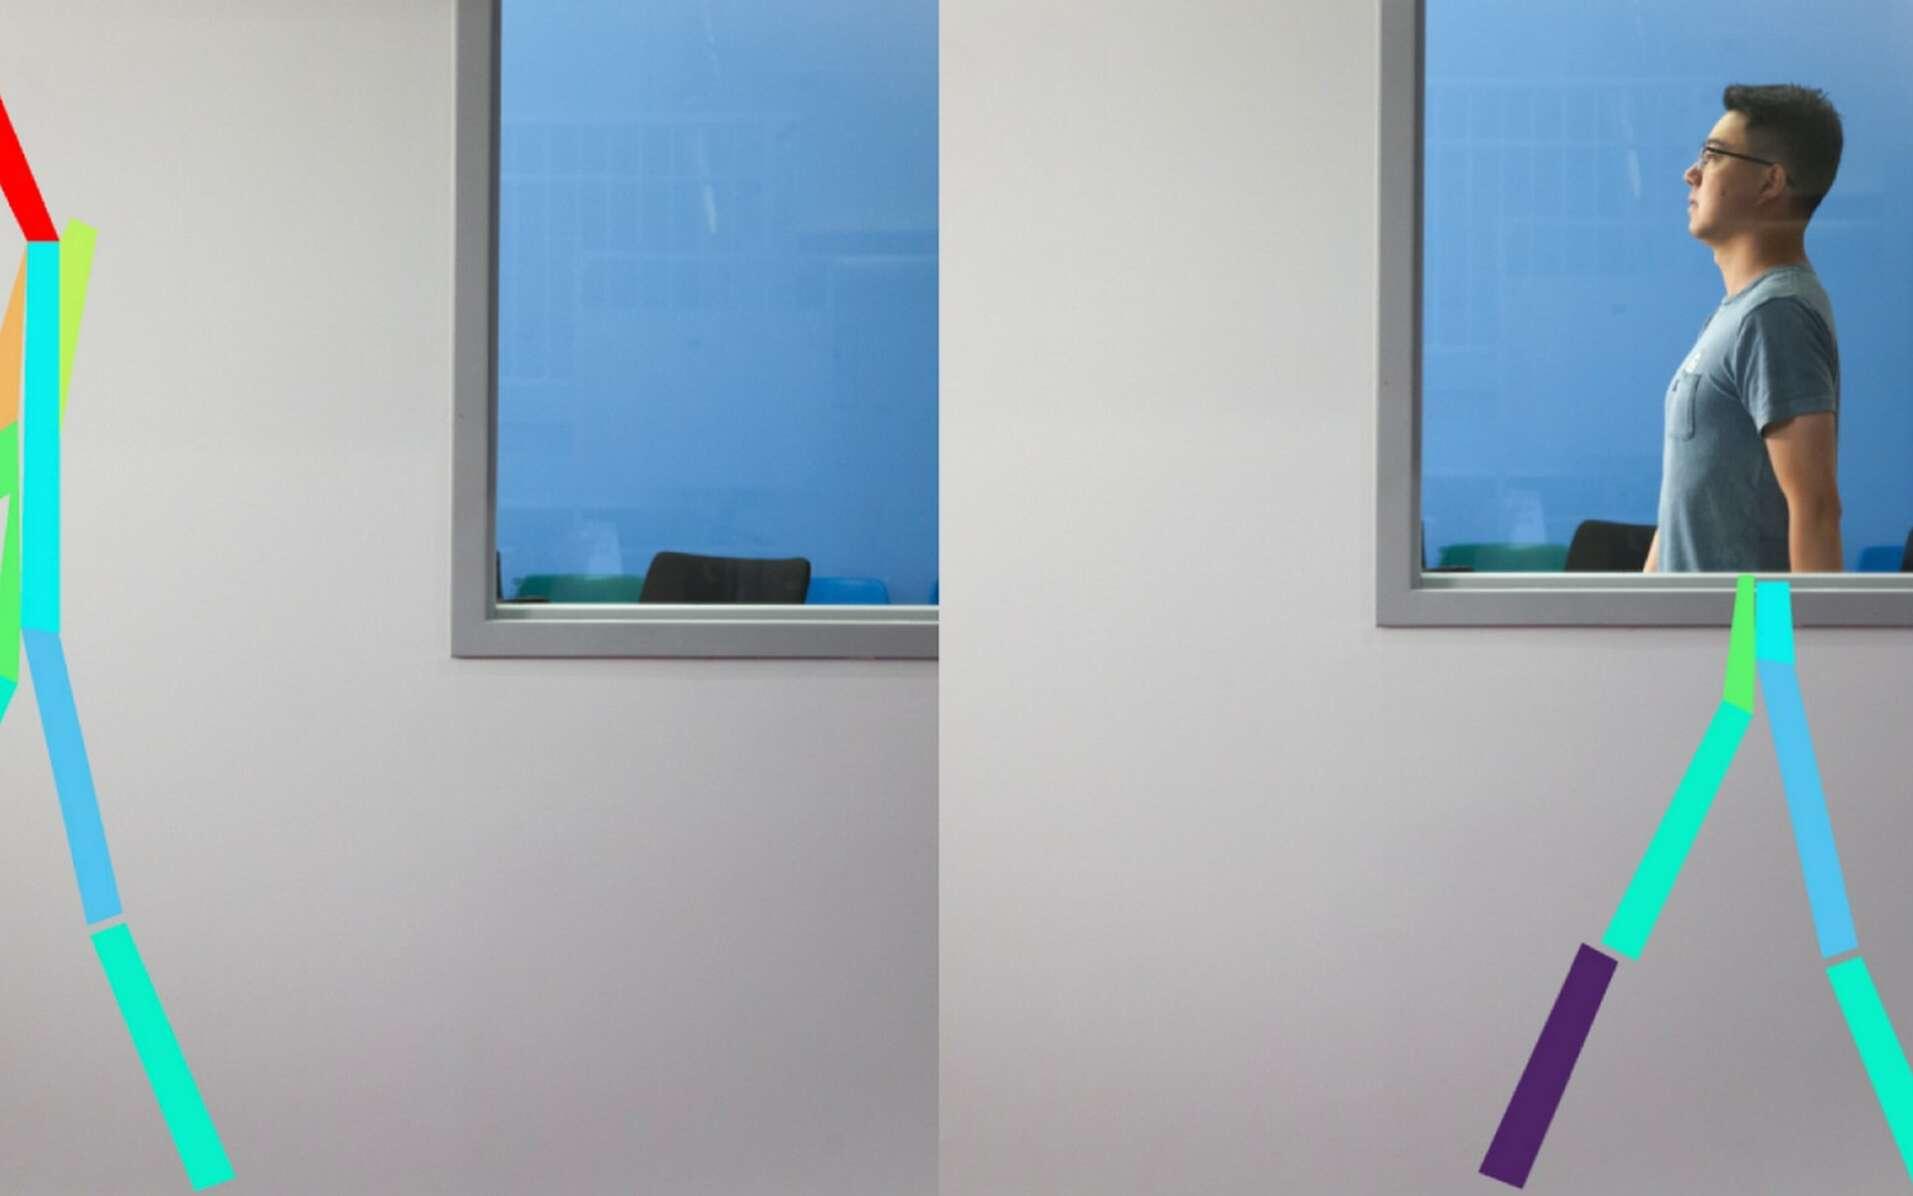 Le dispositif RF-Pose détecte la silhouette et les mouvements d'une personne en temps réel à travers les murs et matérialise sa « vision » sous la forme d'un squelette. © Jason Dorfman/MIT CSAIL